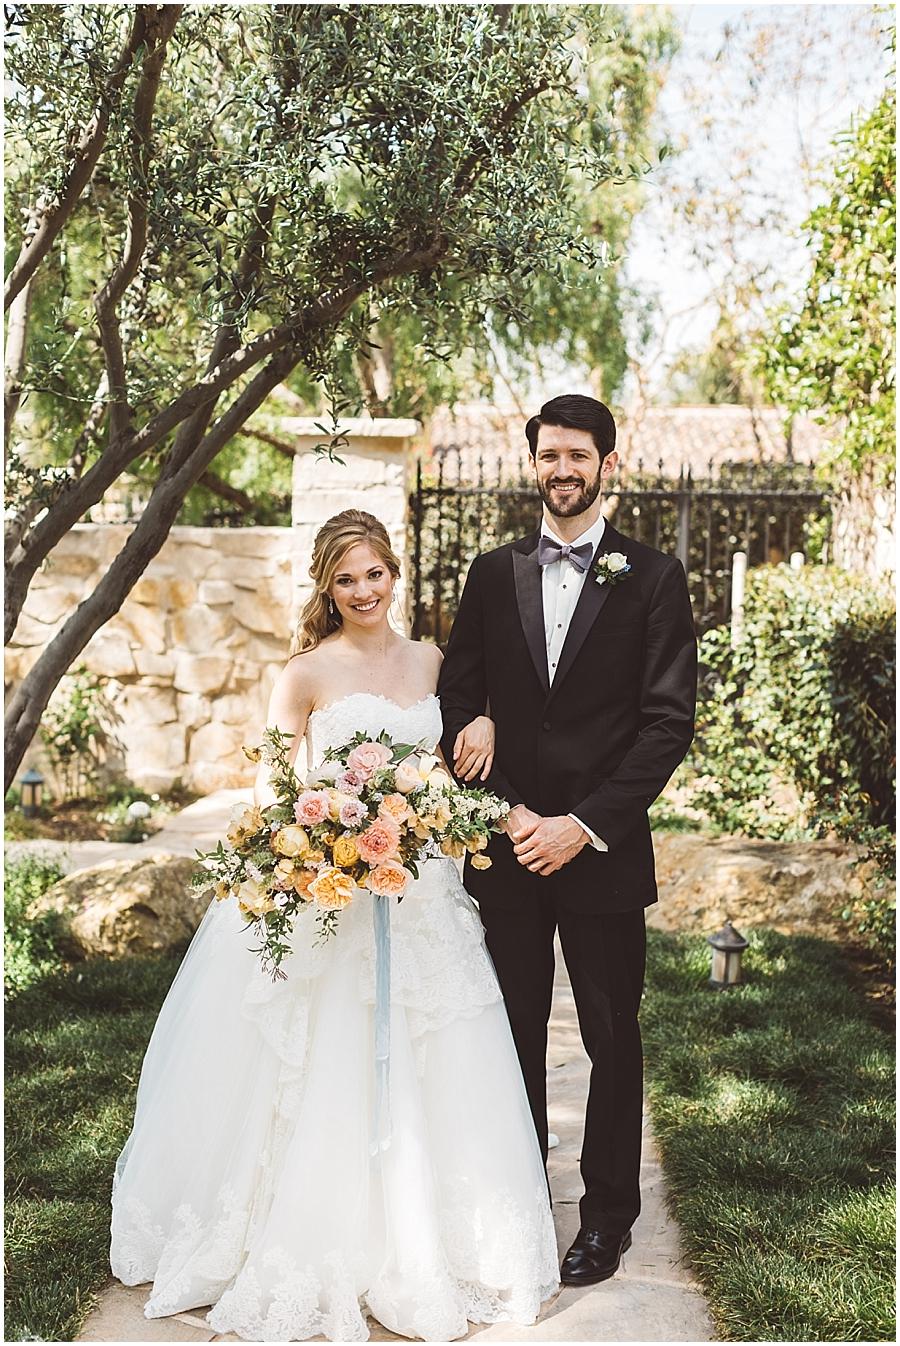 John+Lori_stevecowellphoto_0130.jpg